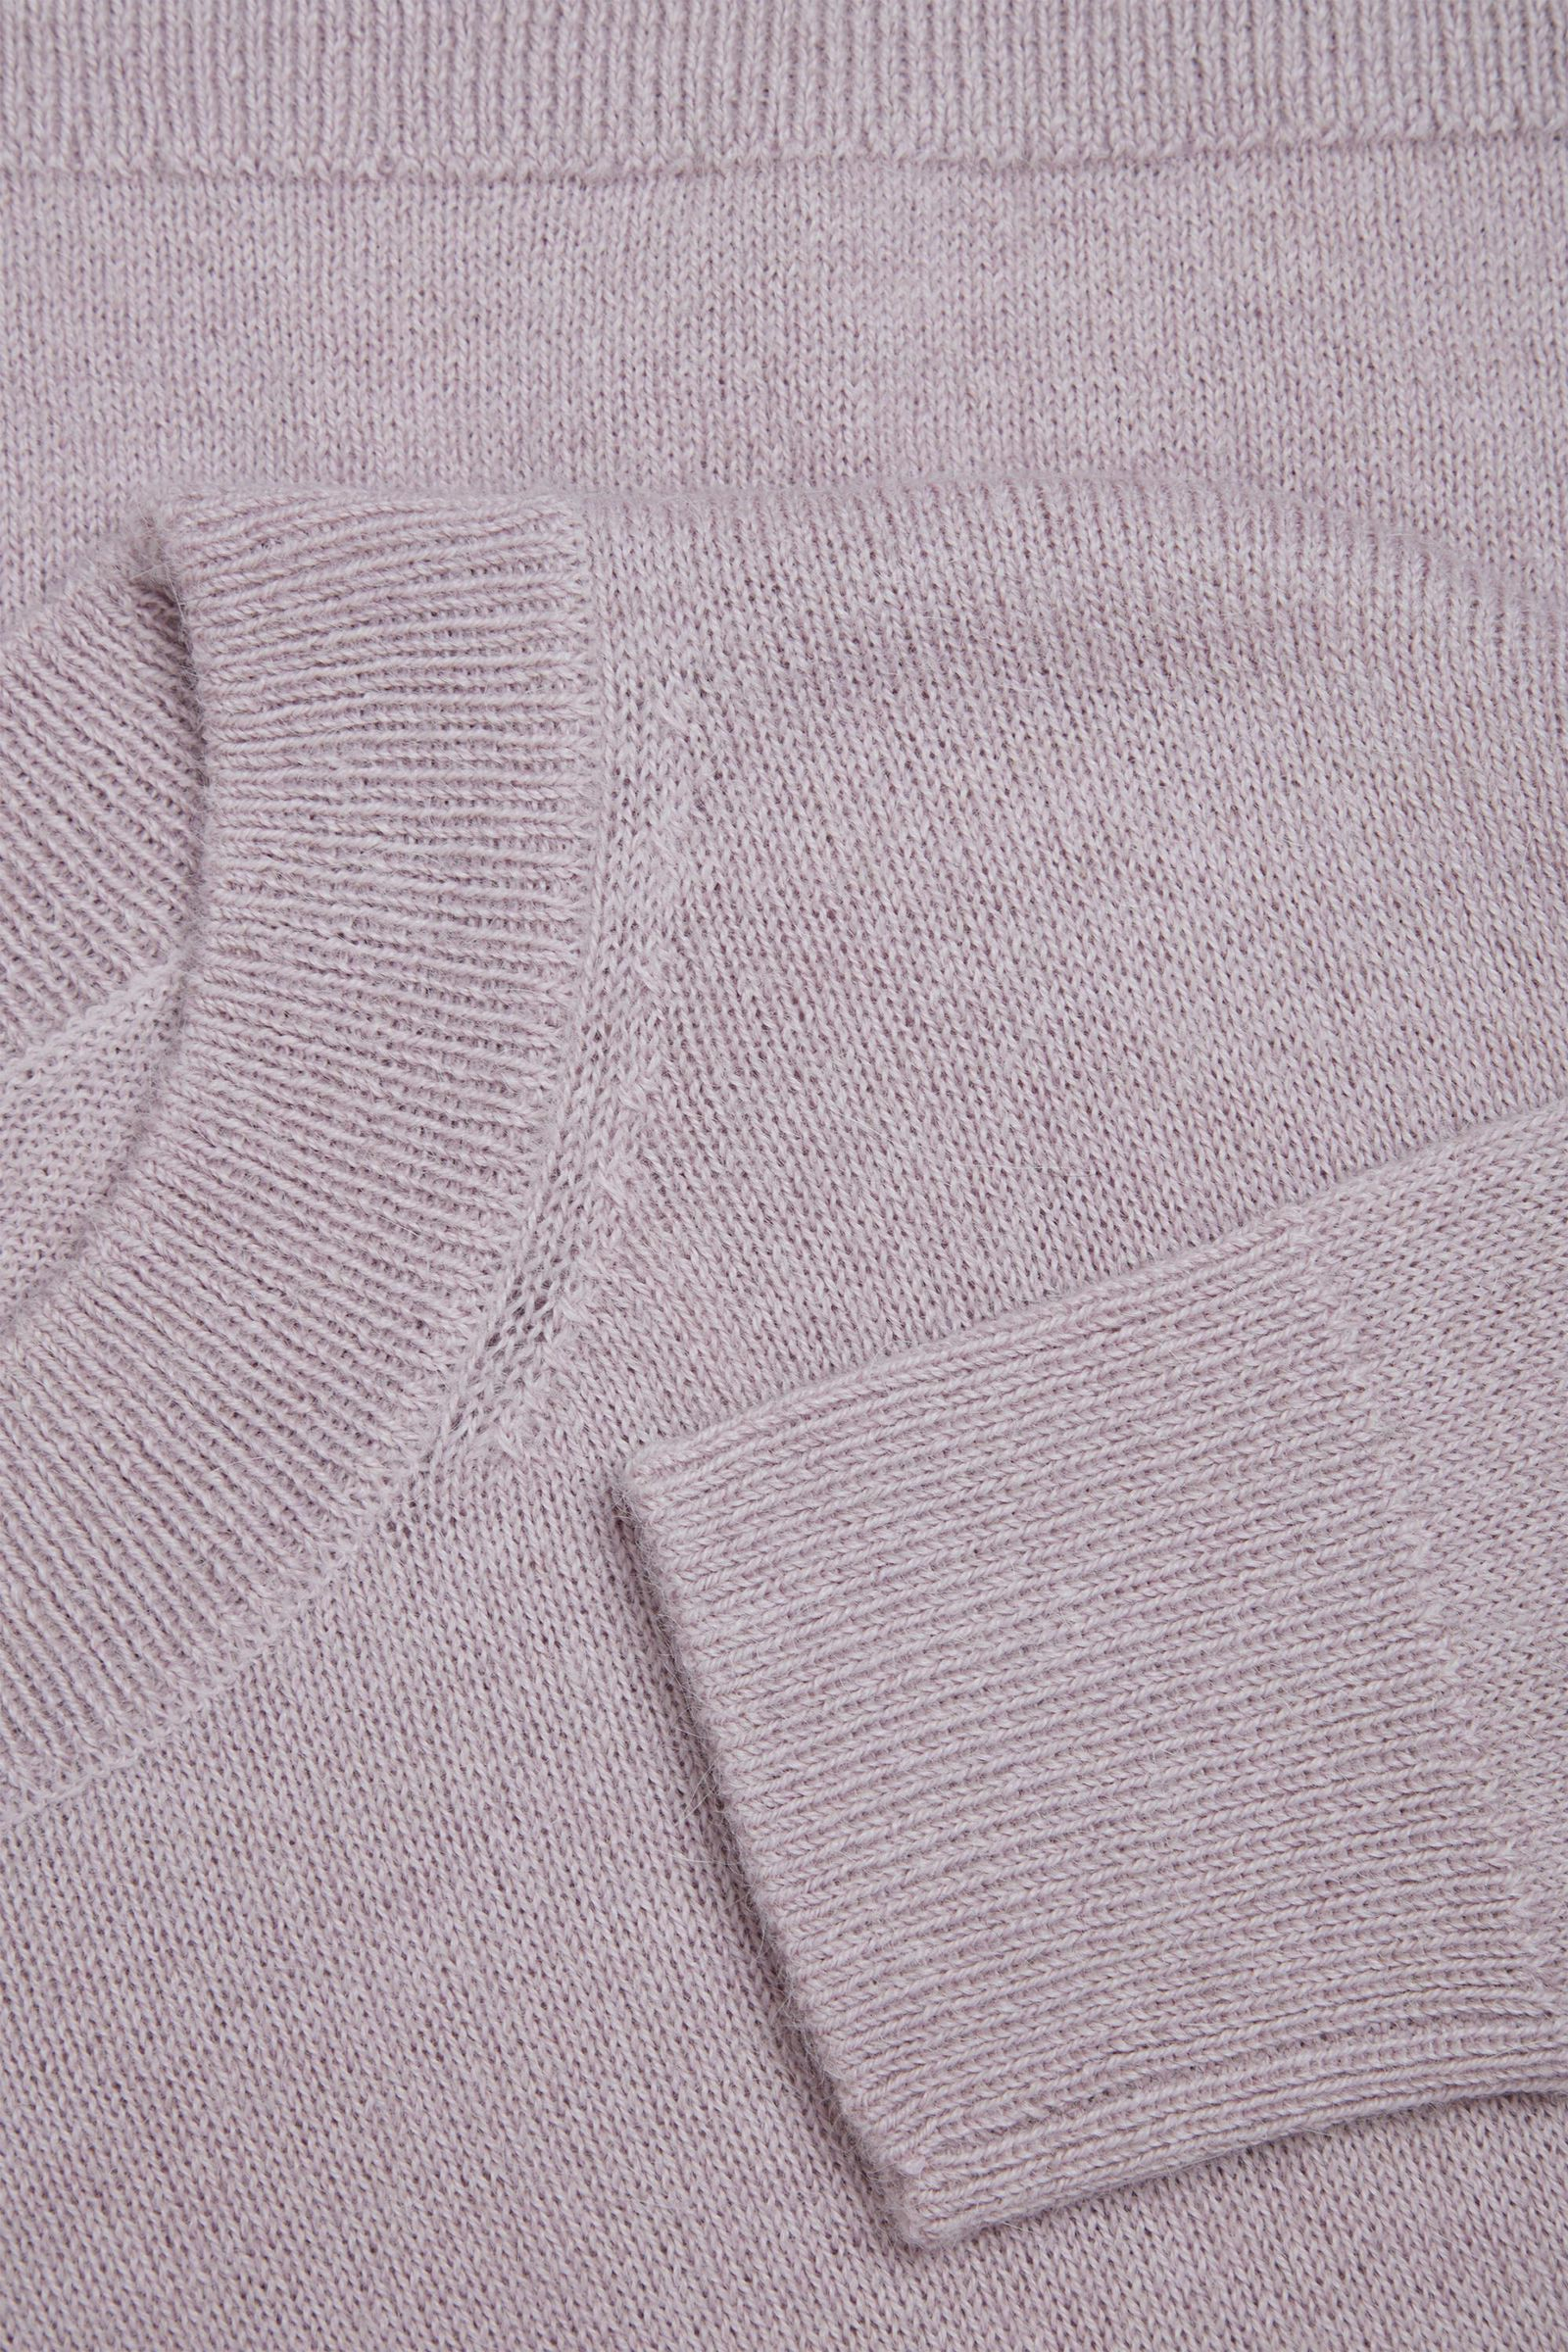 COS 알파카 플레인 니트 스웨터의 핑크컬러 Detail입니다.